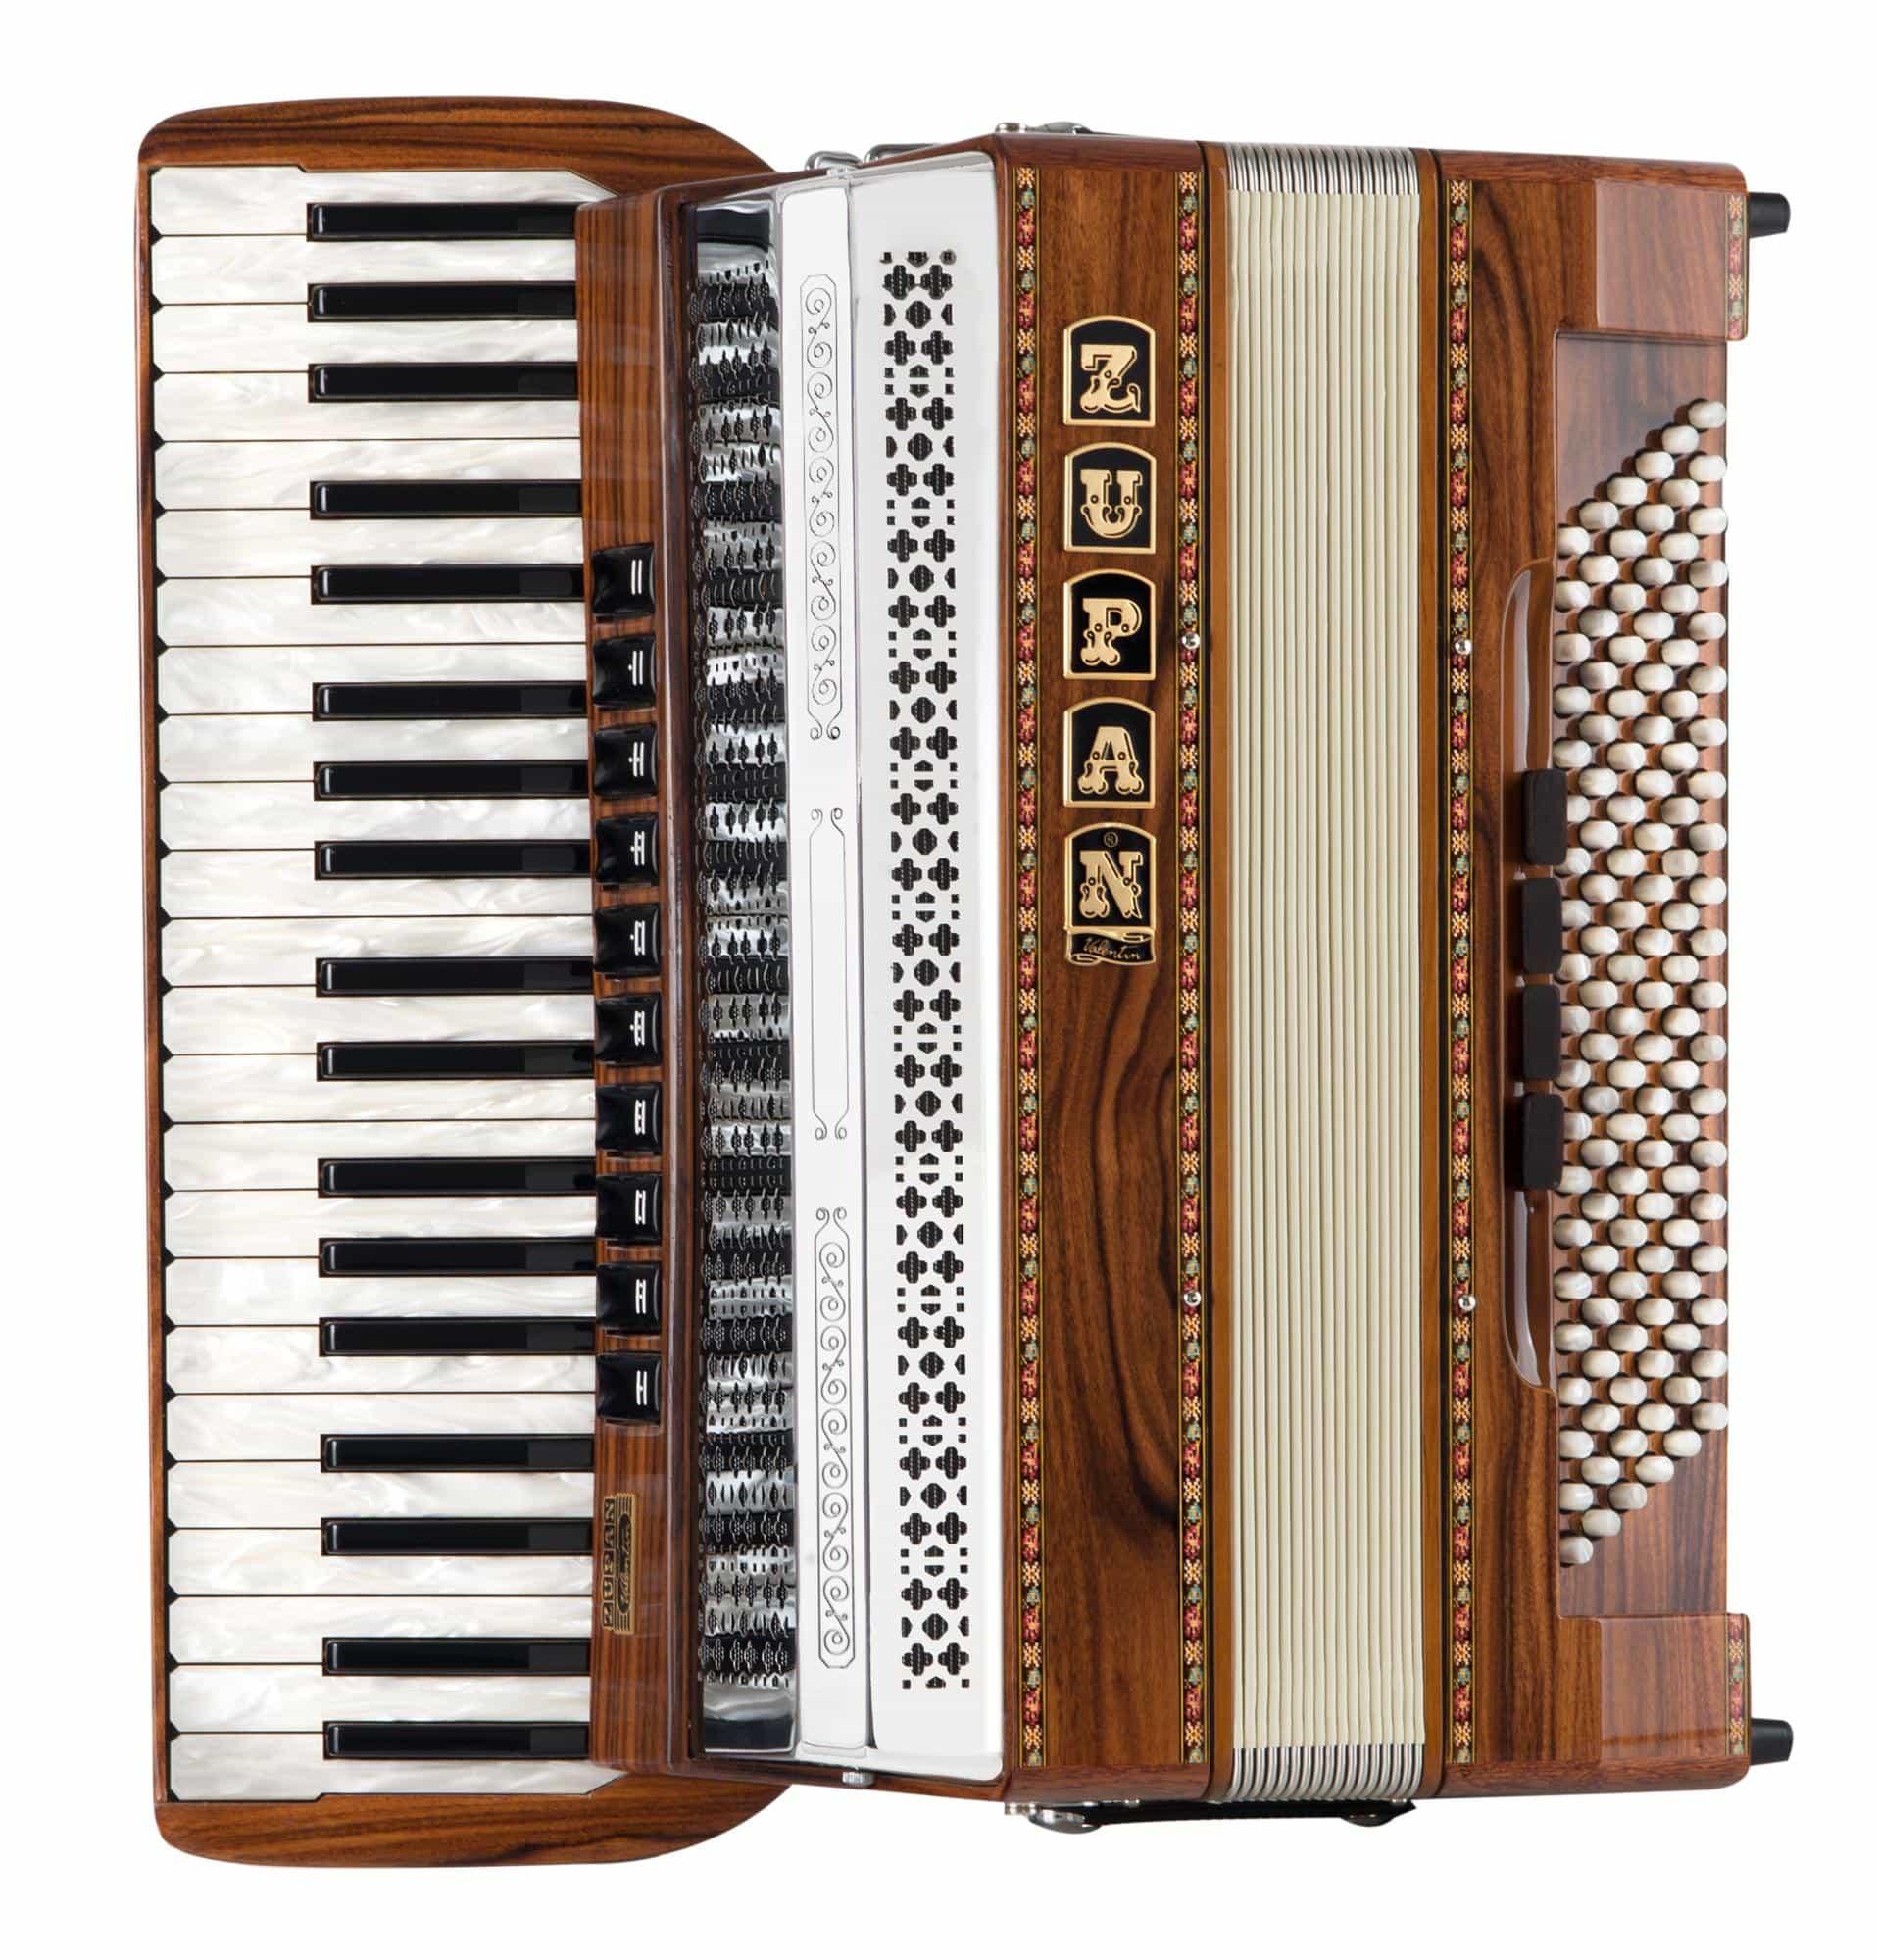 Akkordeons - Zupan Eco IV 120|M Akkordeon Palisander Aussteller (Zustand sehr gut) - Onlineshop Musikhaus Kirstein